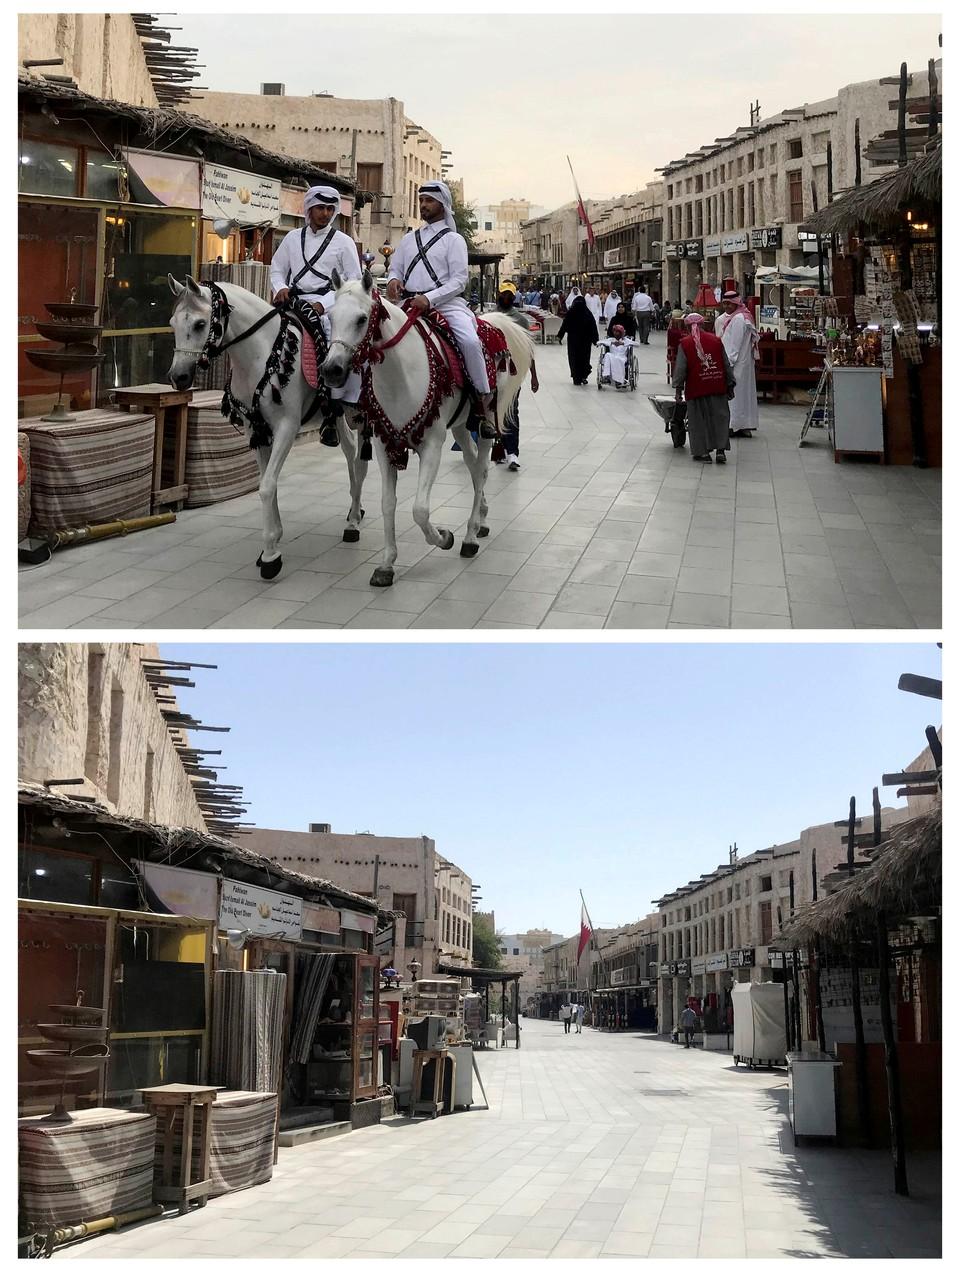 Комбинация снимков  с улицей столицы Катара города Доха с разницей в одну неделю.